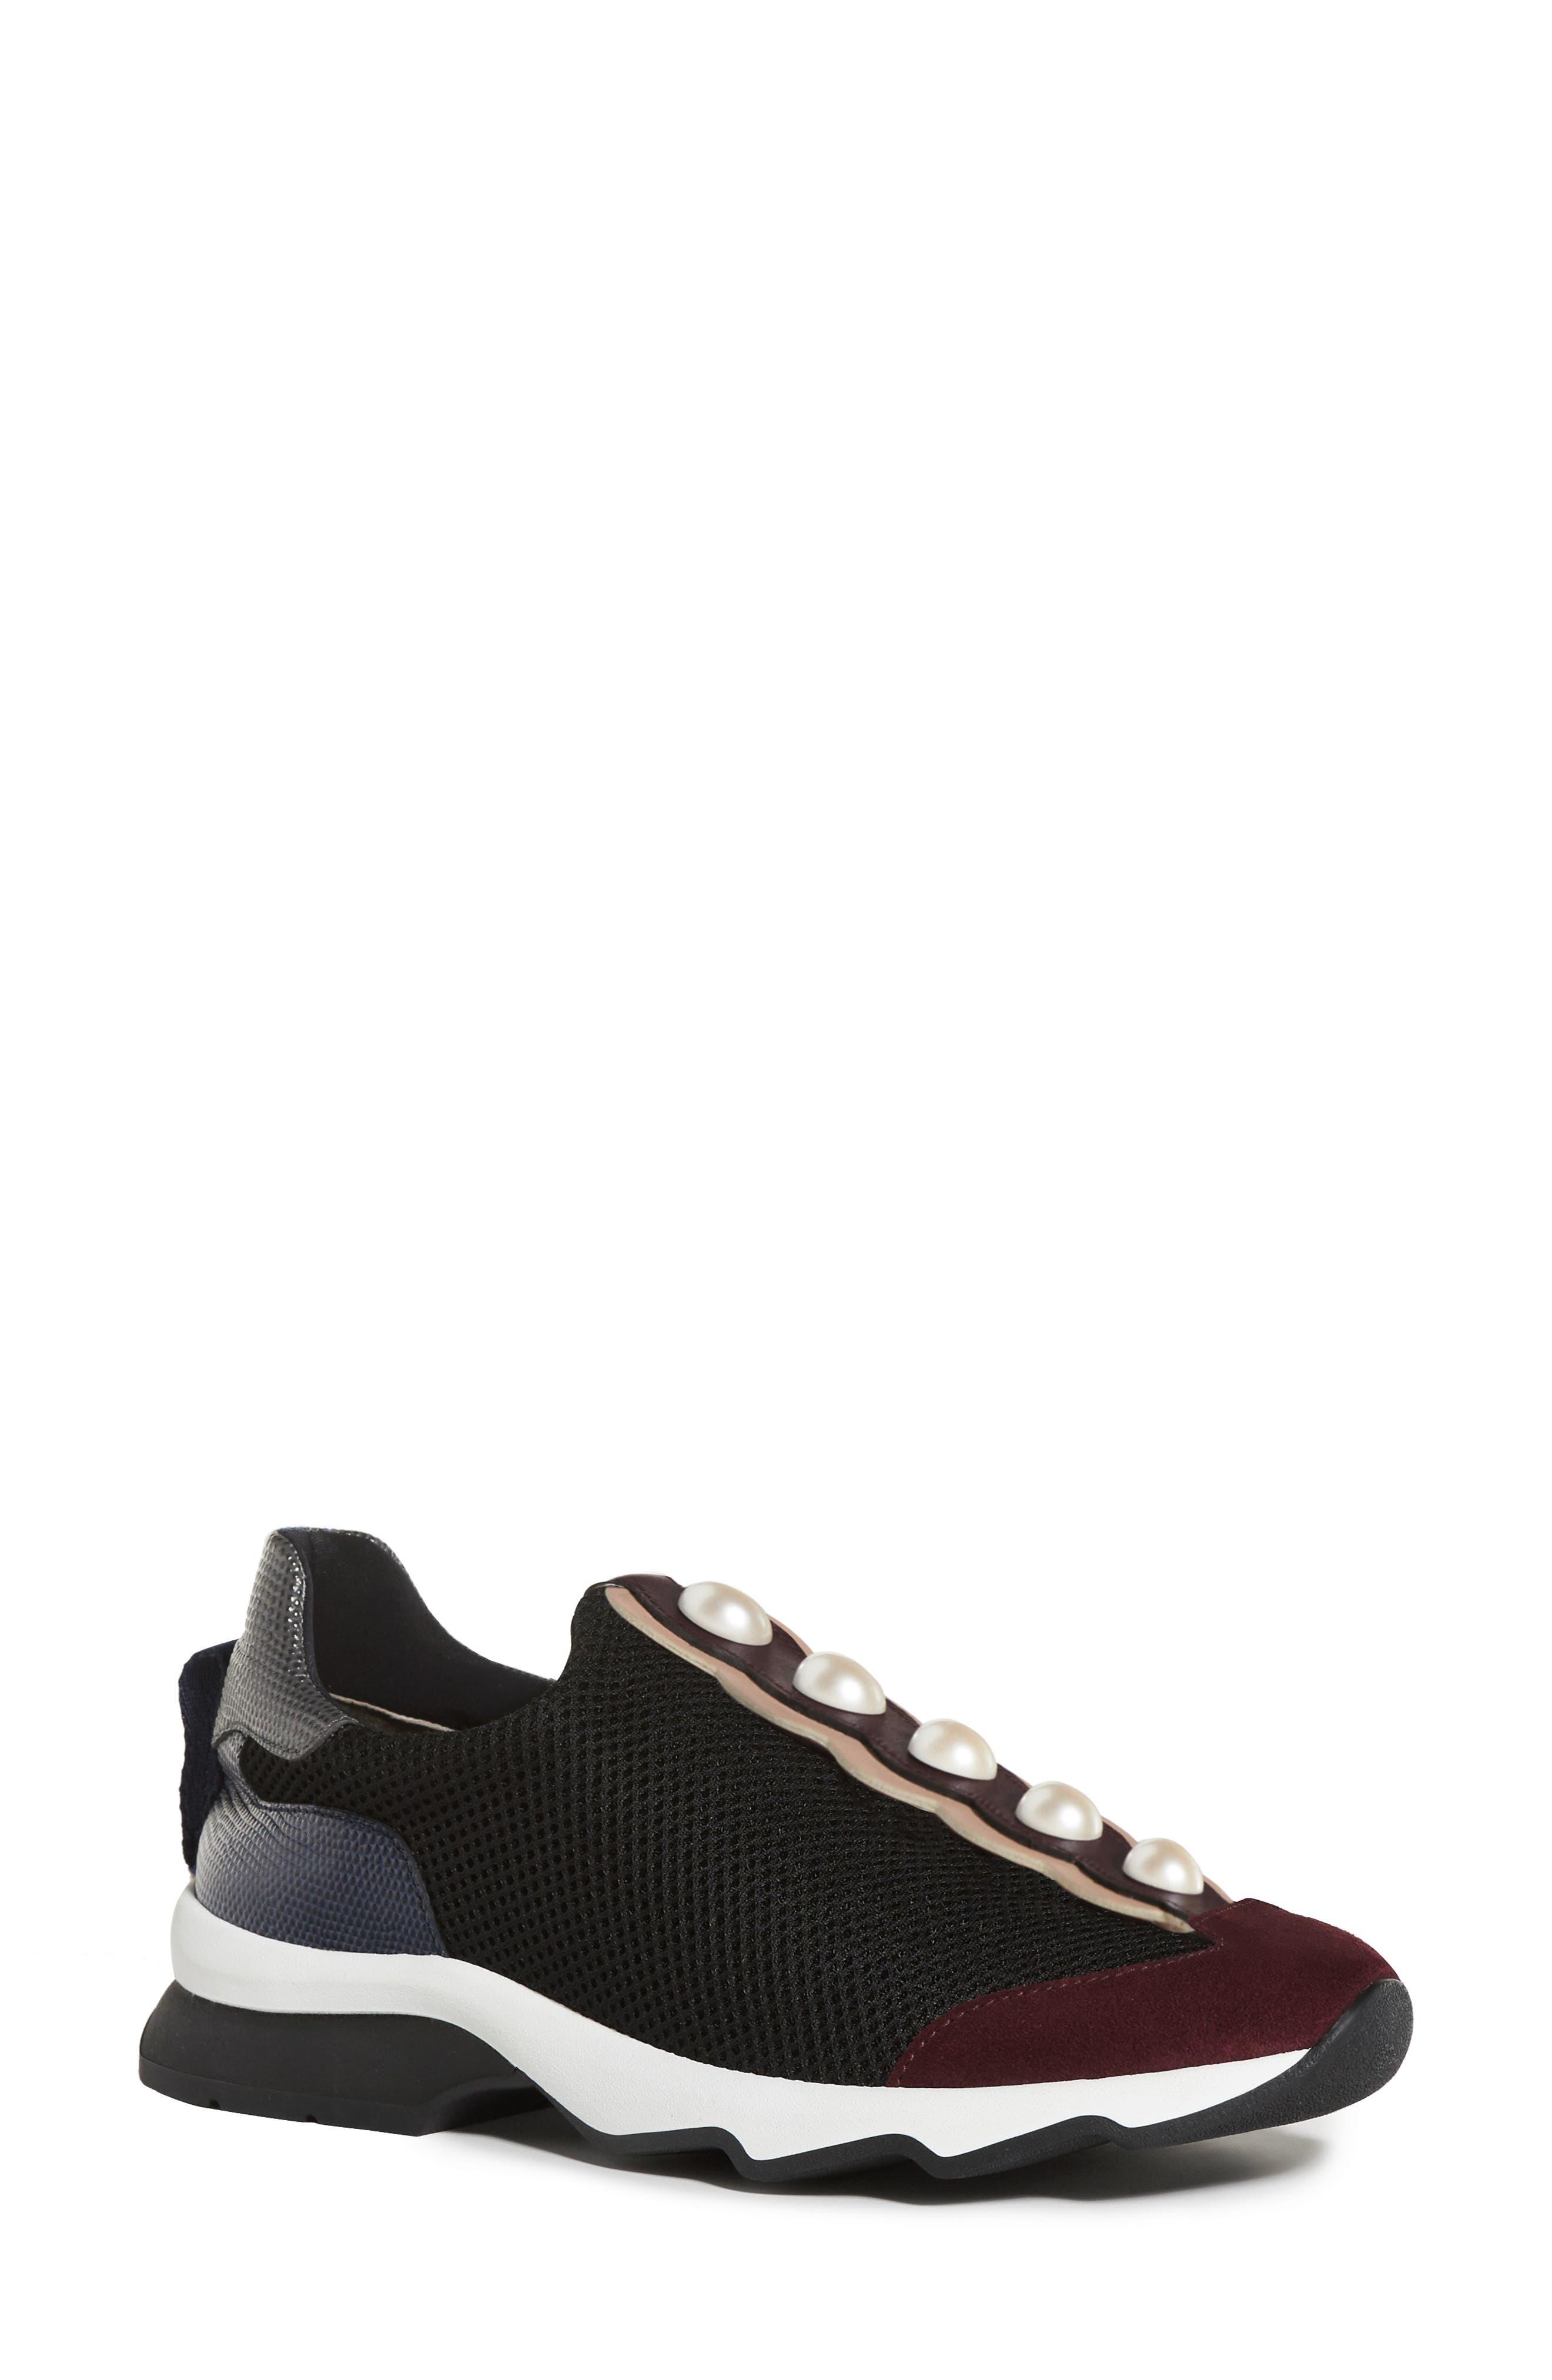 Alternate Image 1 Selected - Fendi Pearland Slip-On Sneaker (Women)